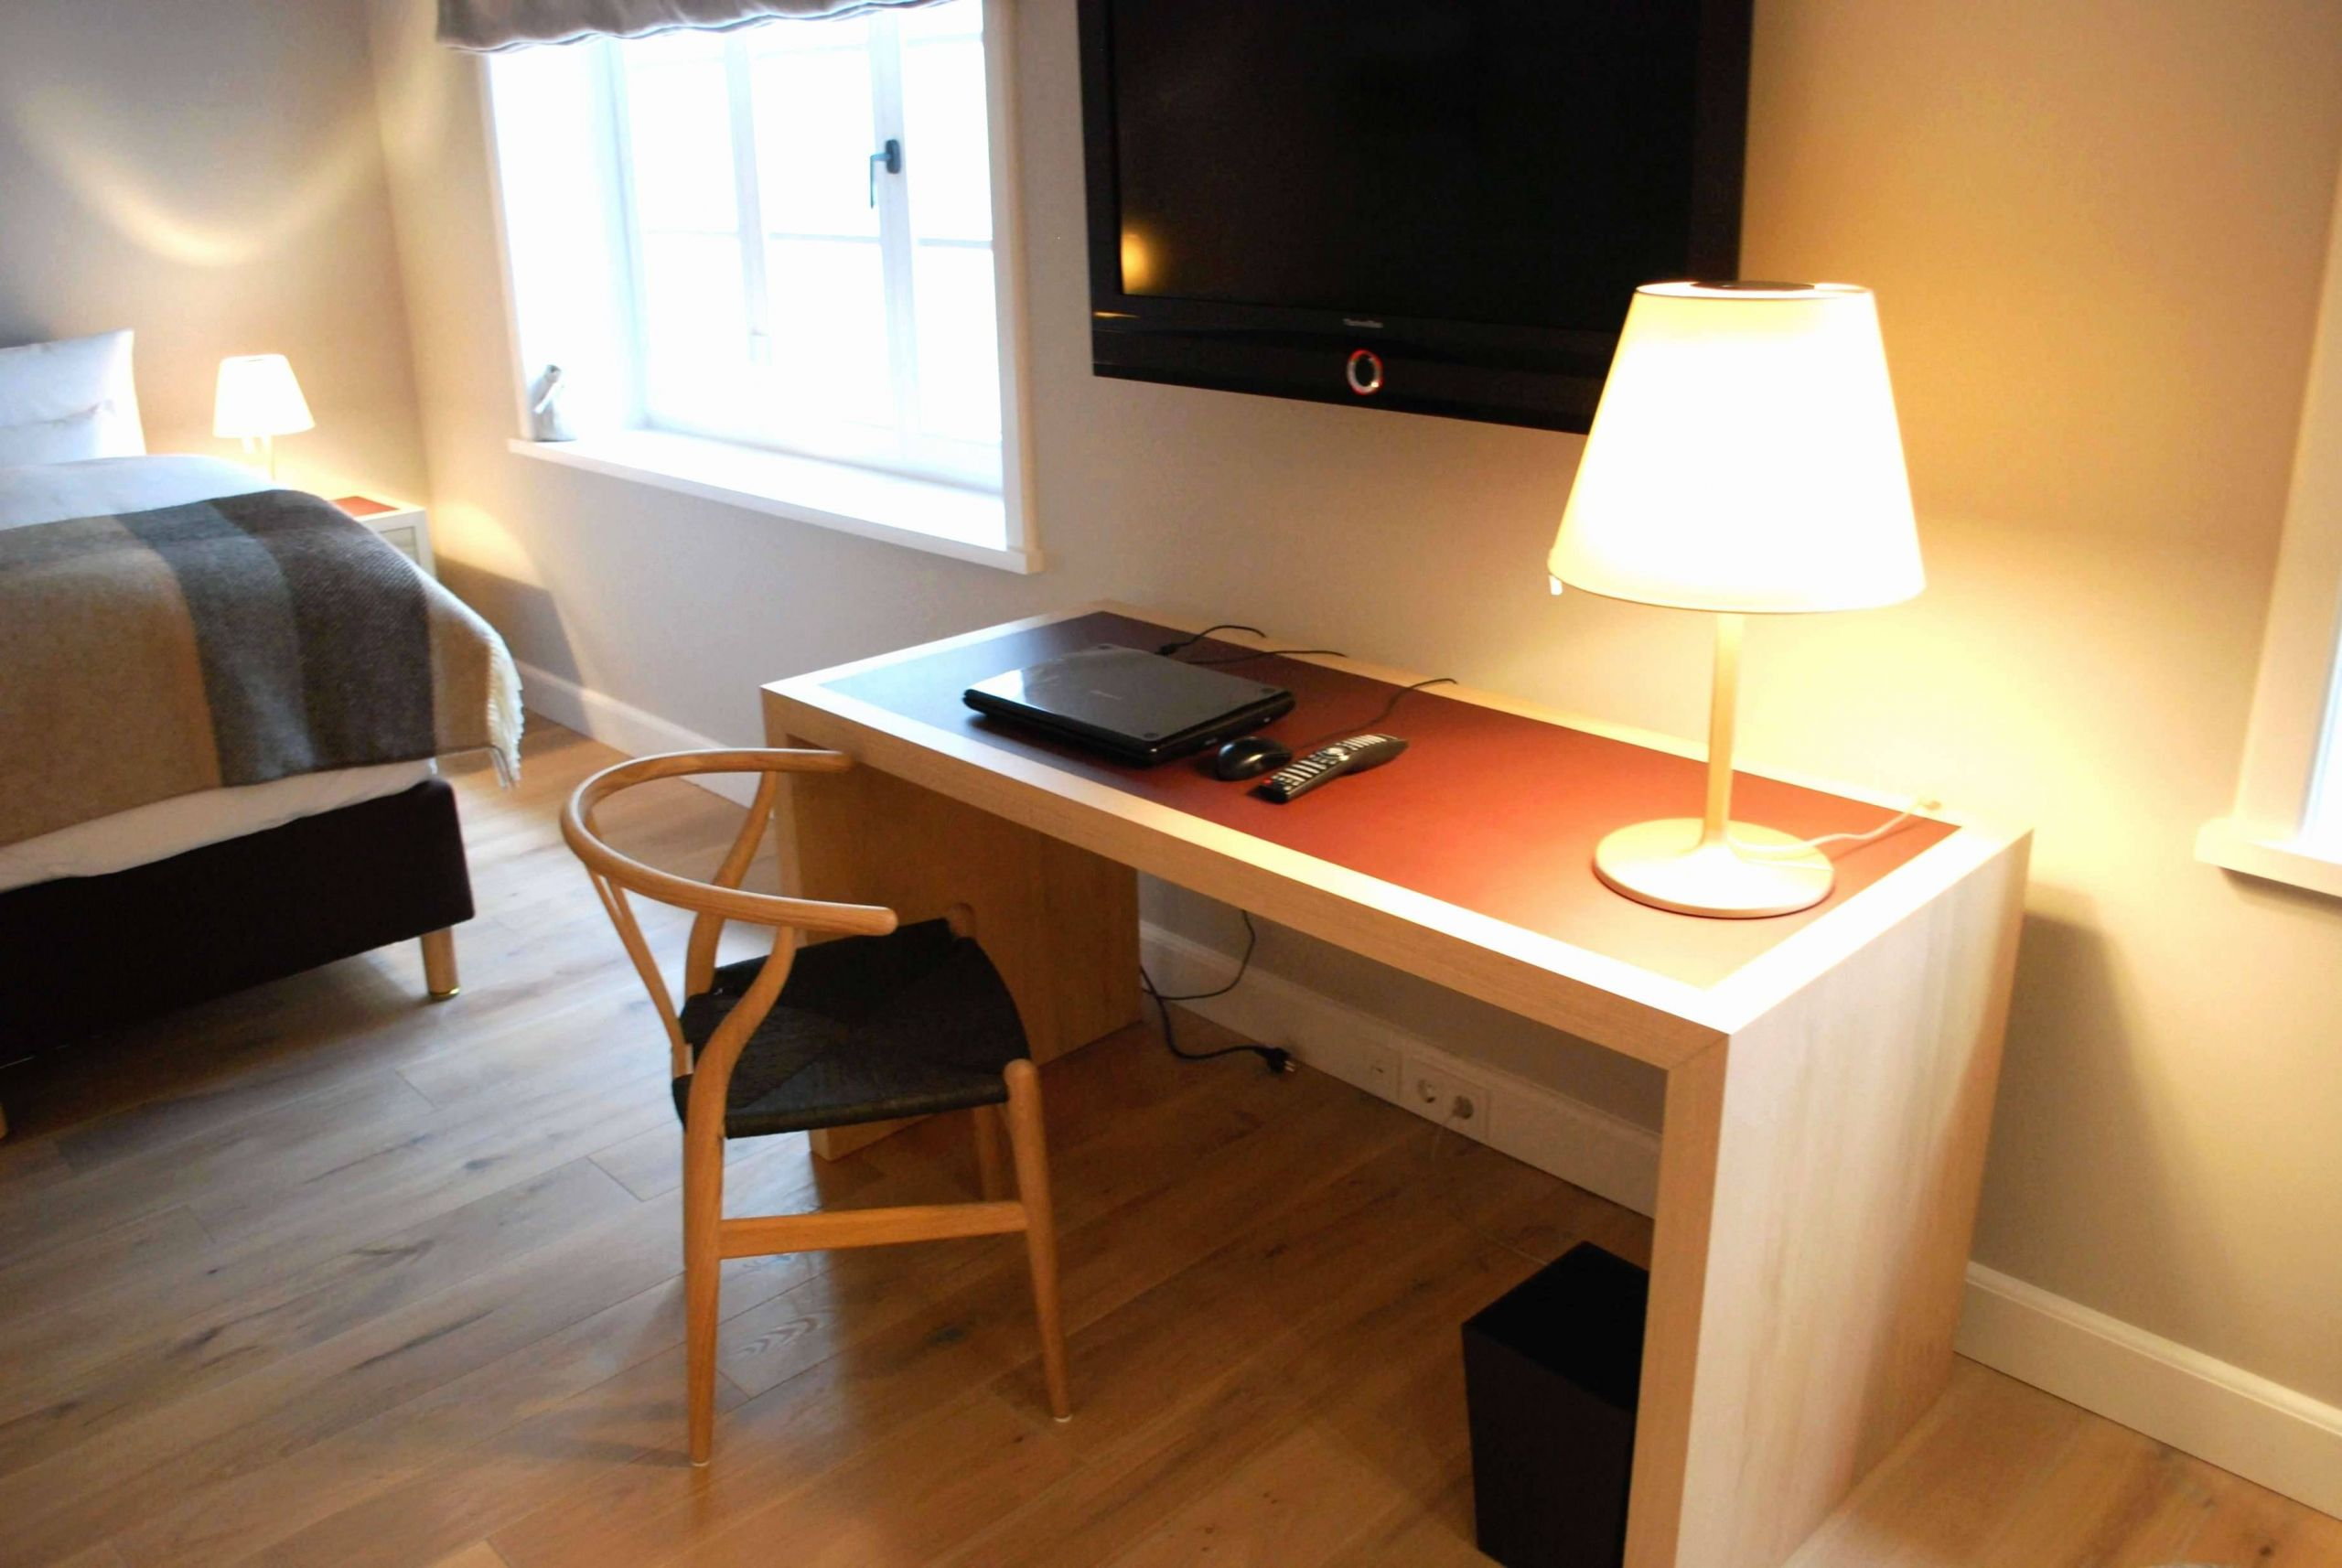 Deko Ideen Mit Steinen Im Garten Einzigartig Büro Im Wohnzimmer Ideen New 42 Frisch Garten Steine Pic